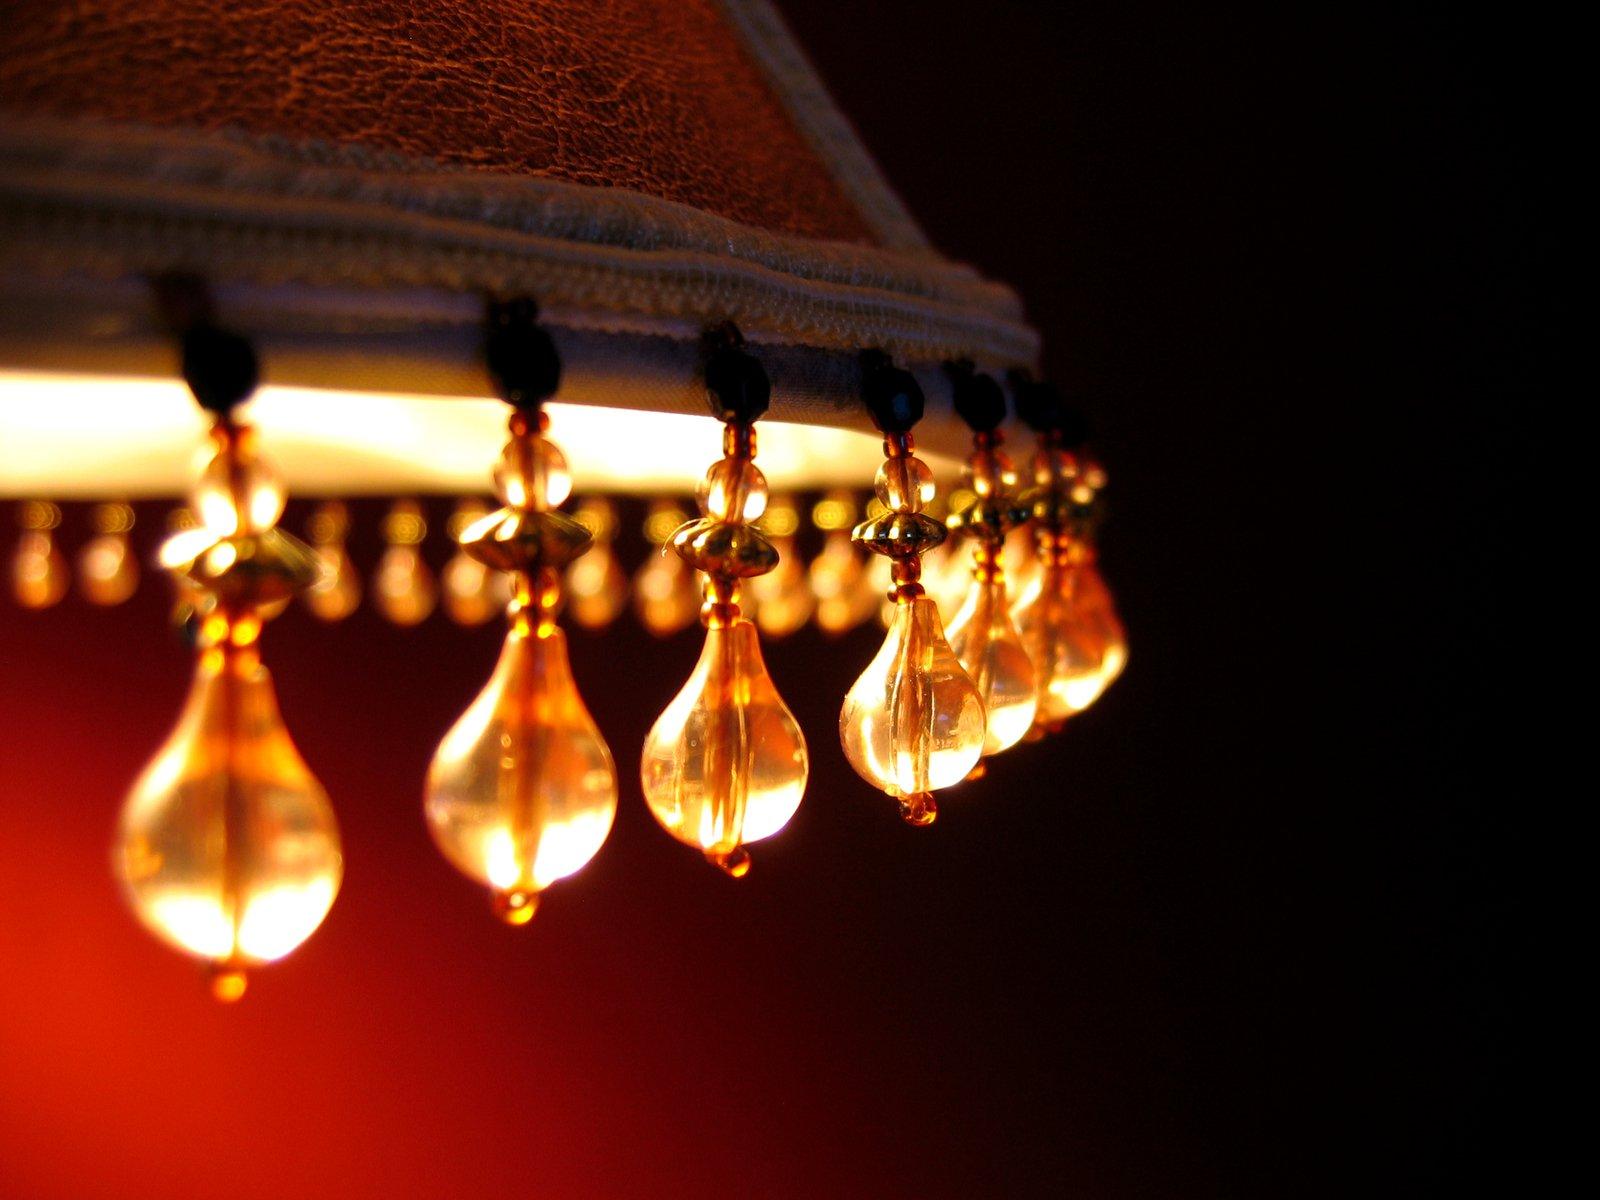 lamp-1184357.jpg